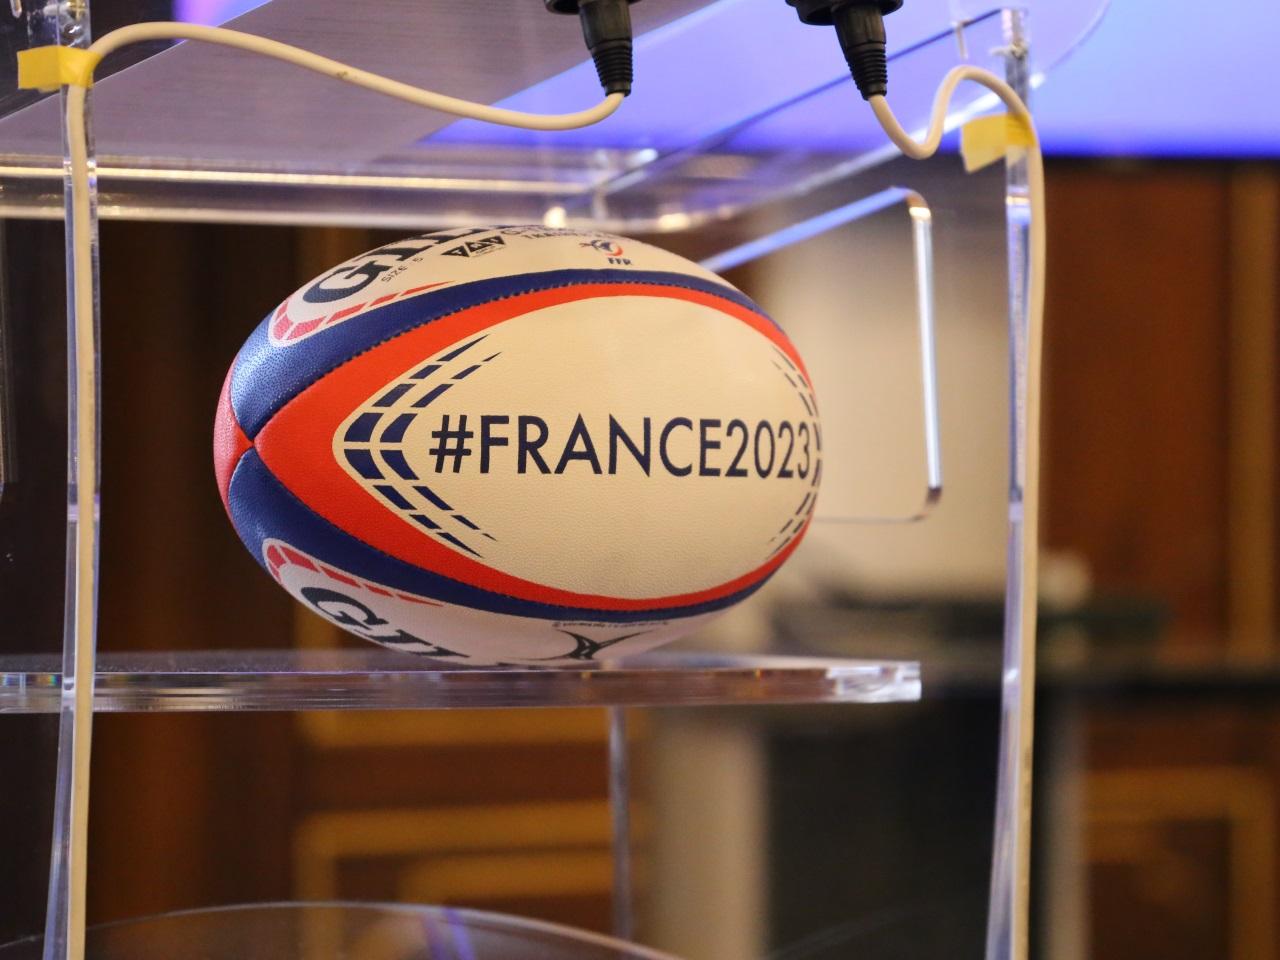 La France va organiser la Coupe du monde 2023 — Rugby